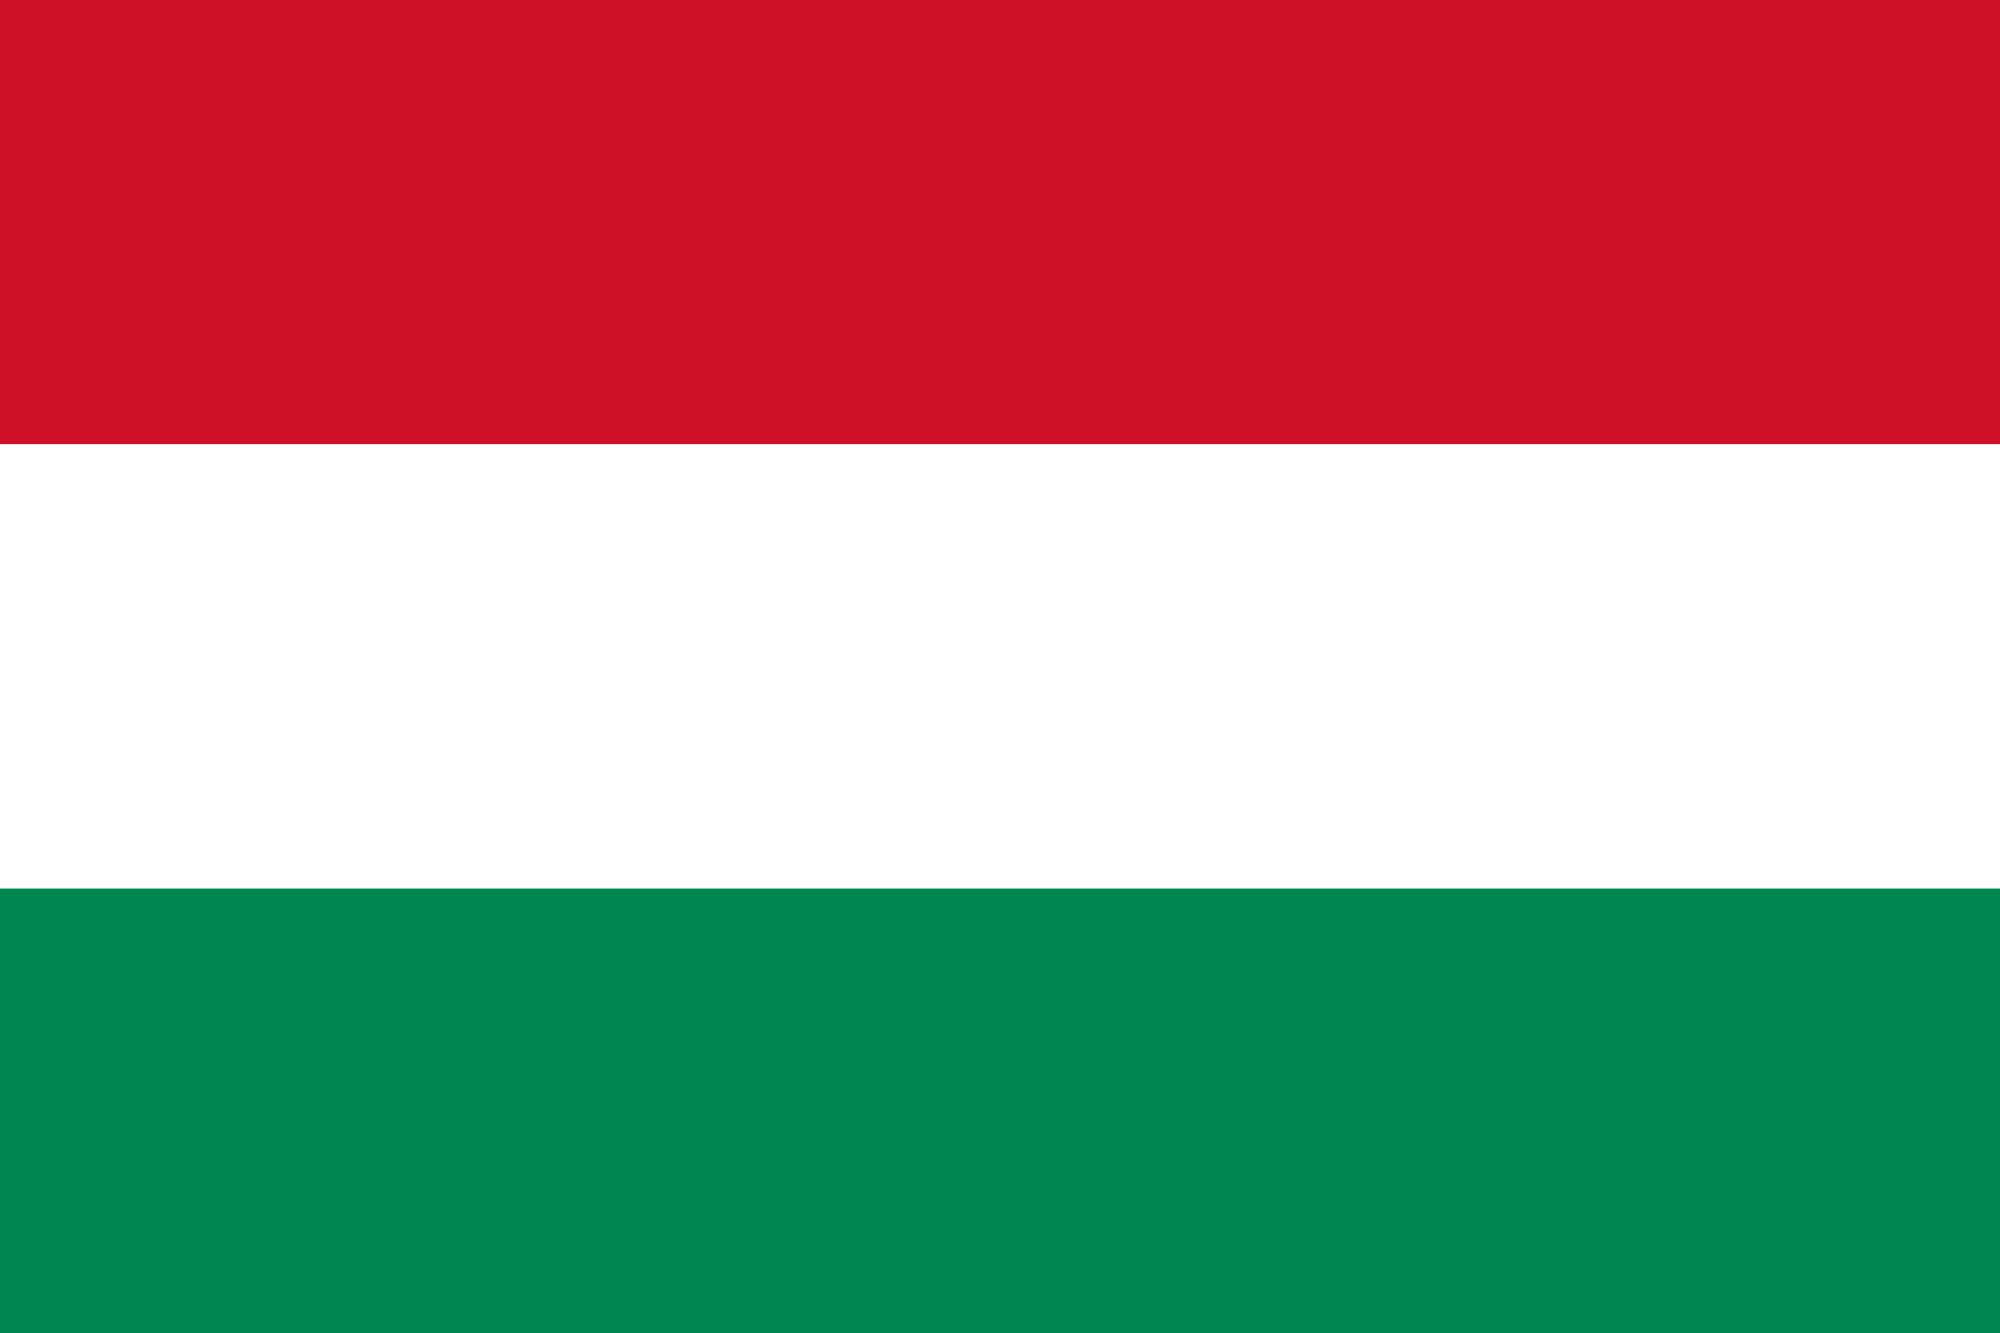 Hungary (Civil ensign)